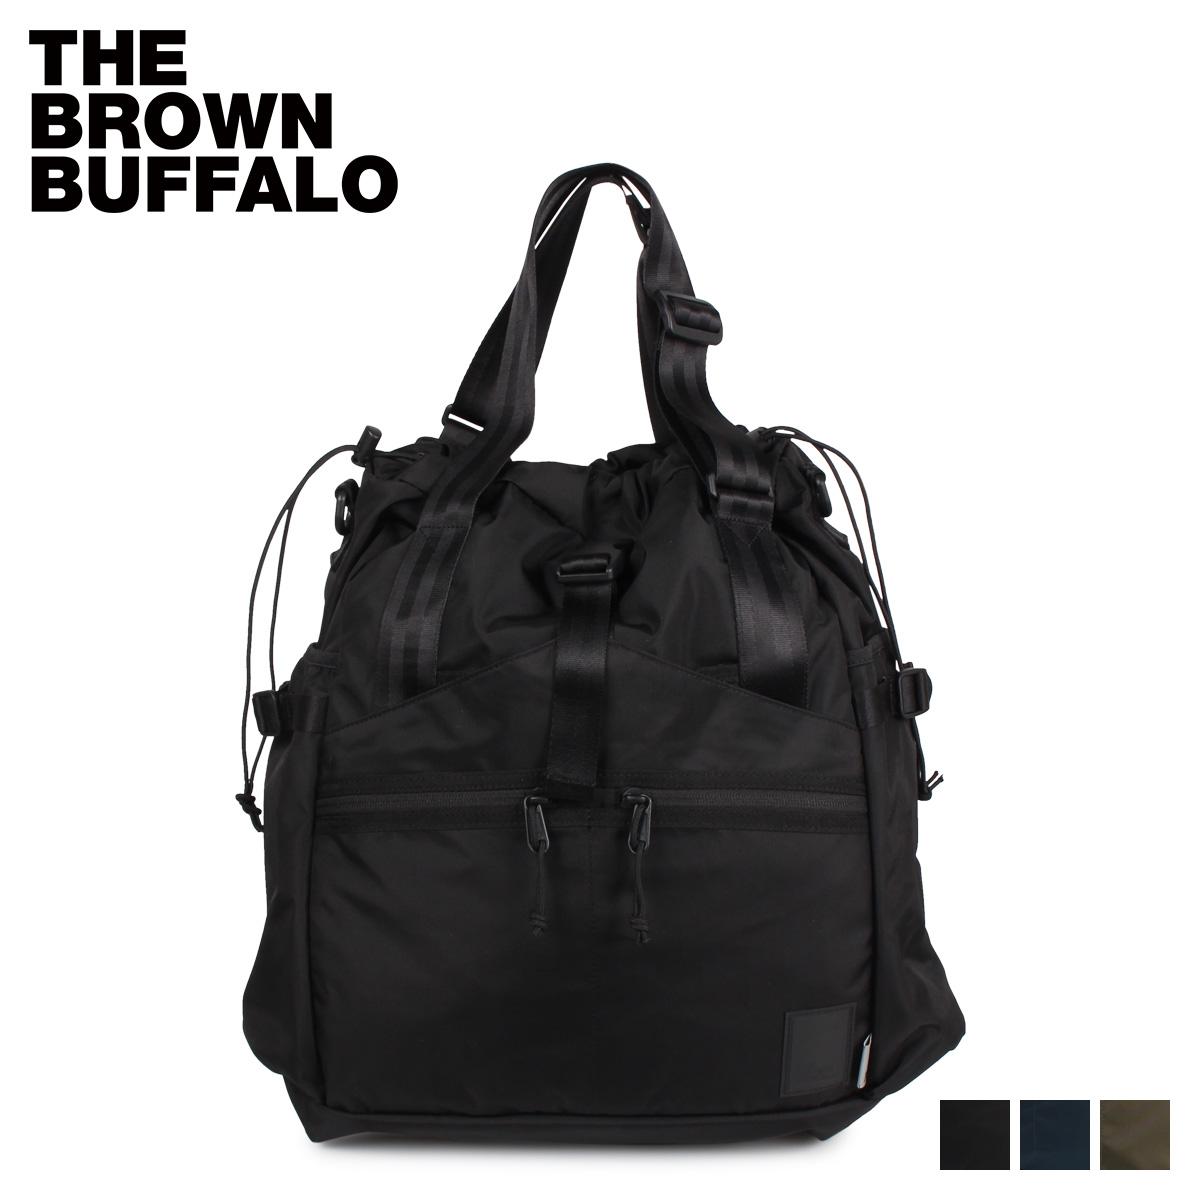 ザブラウンバッファロー THE BROWN BUFFALO リュック バックパック メンズ レディース HELMET BACKPACK ブラック ネイビー オリーブ 黒 S19HELM420 [5/4 追加入荷]